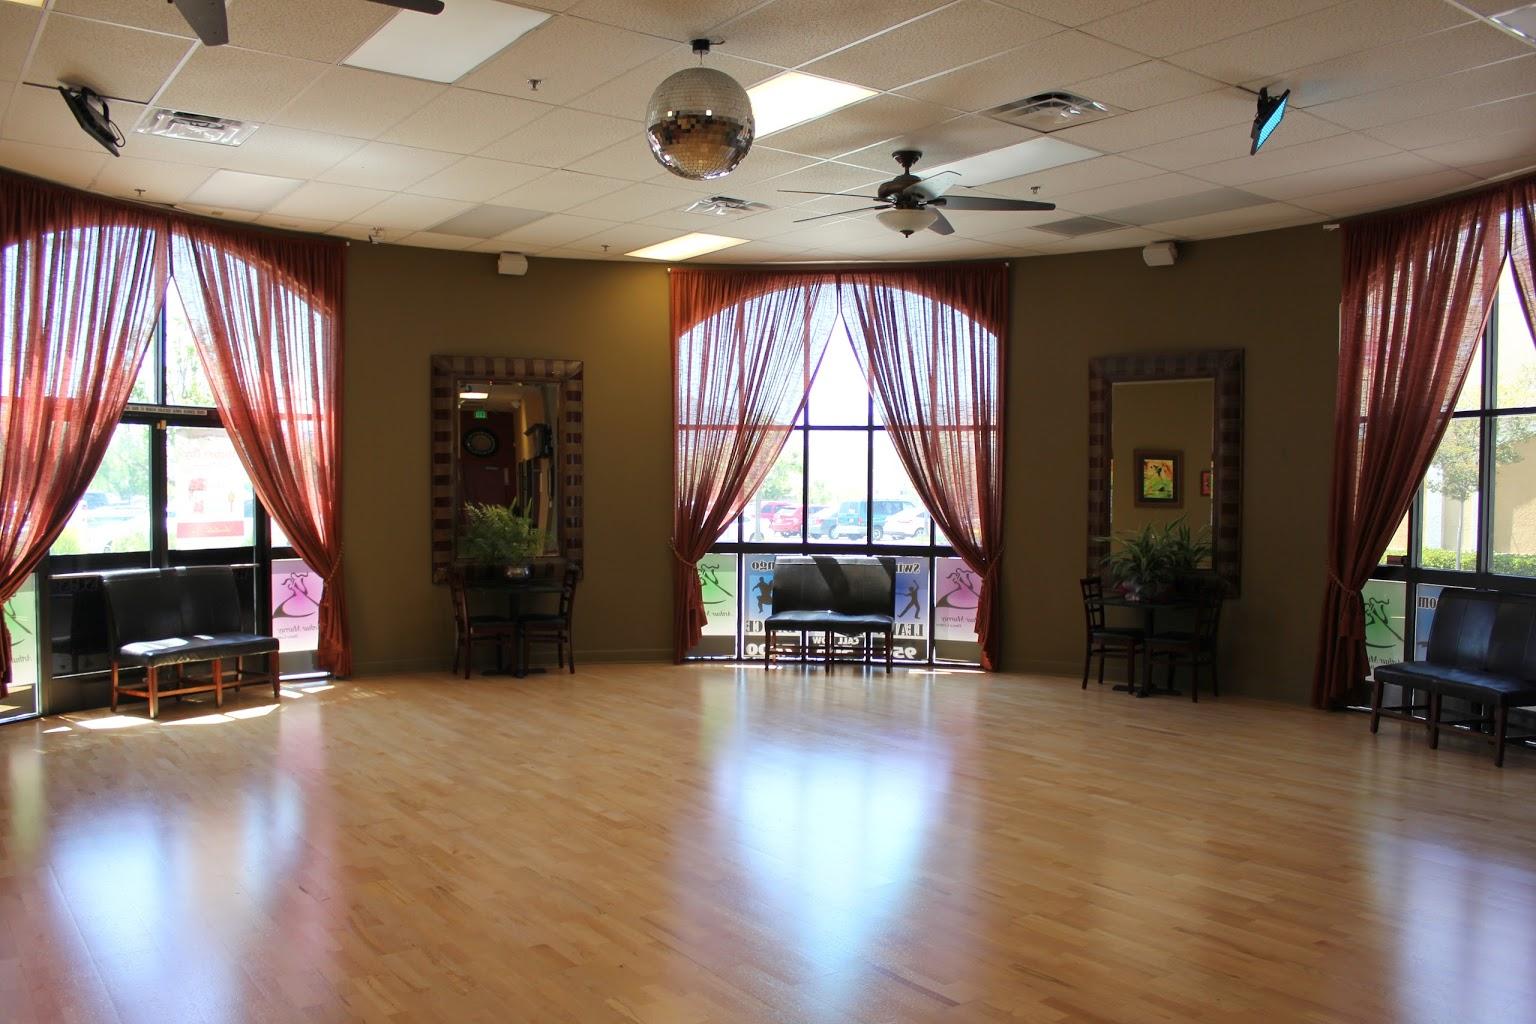 curtains Arthur Murray Dance Studio, Temecula, CA